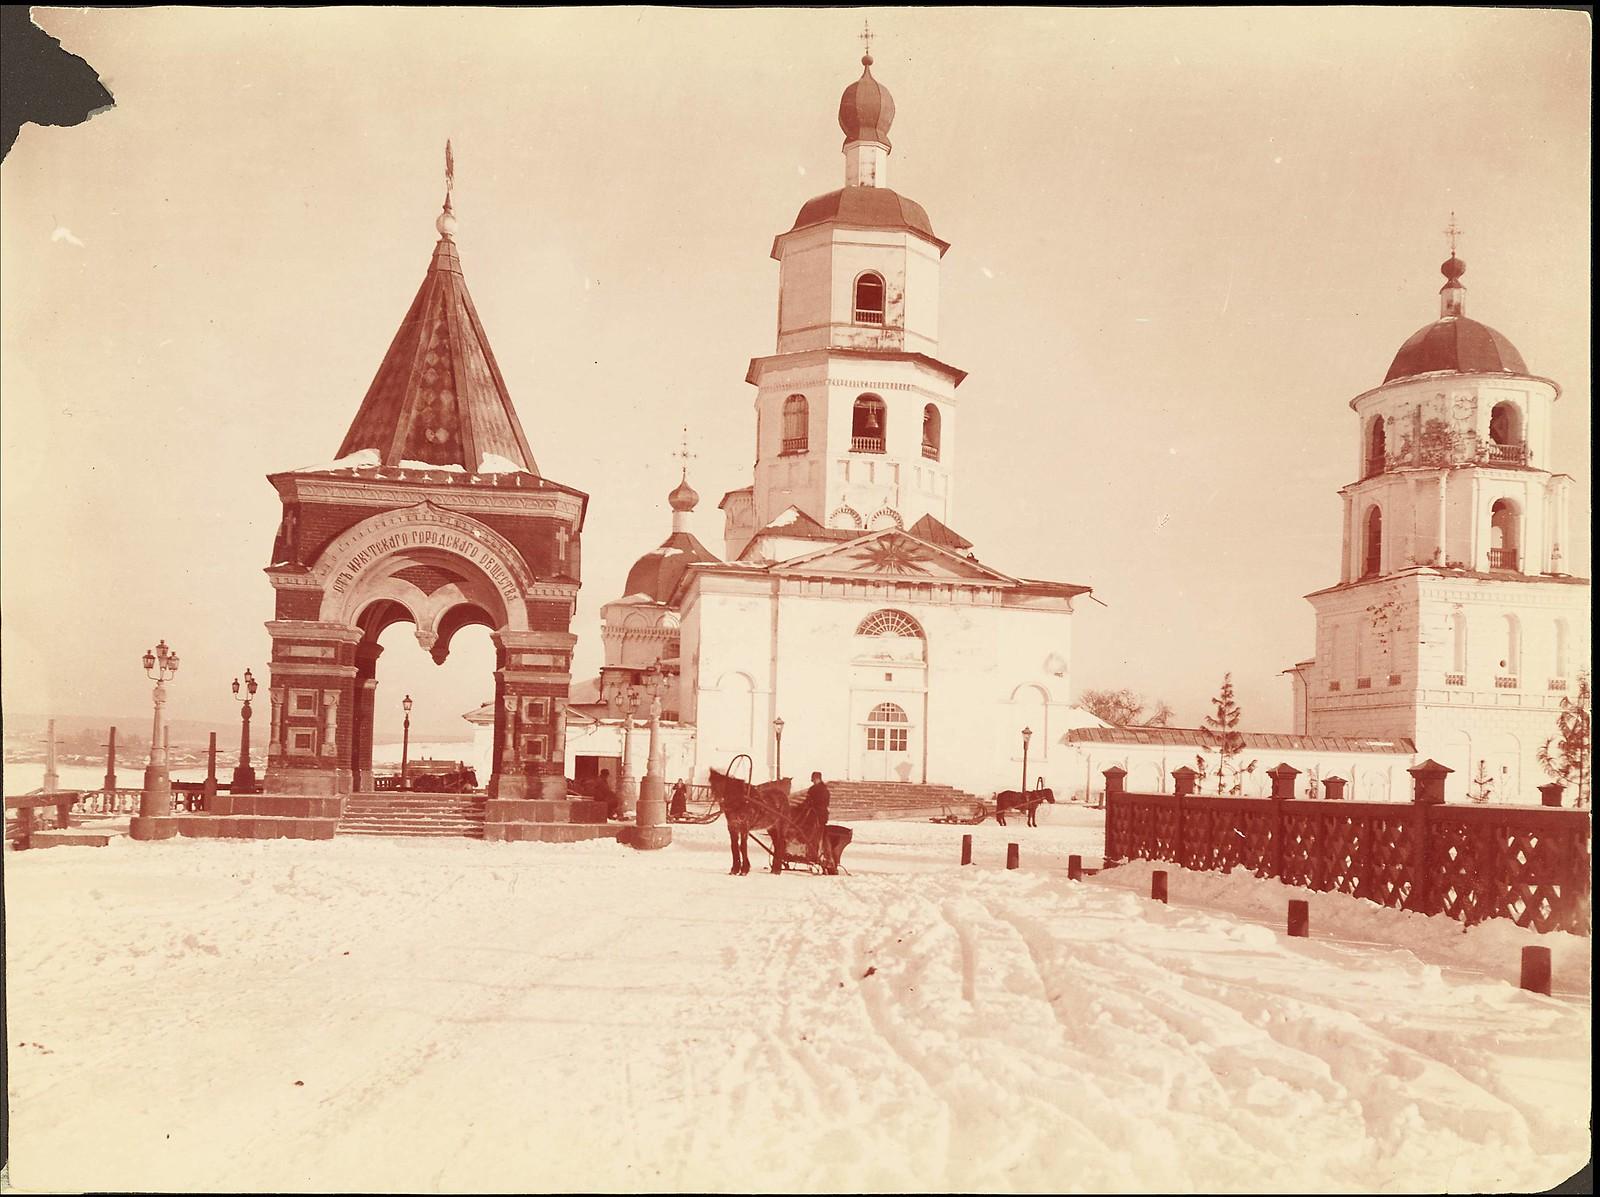 Иркутск. Вид на Царскую беседку и Богоявленский собор